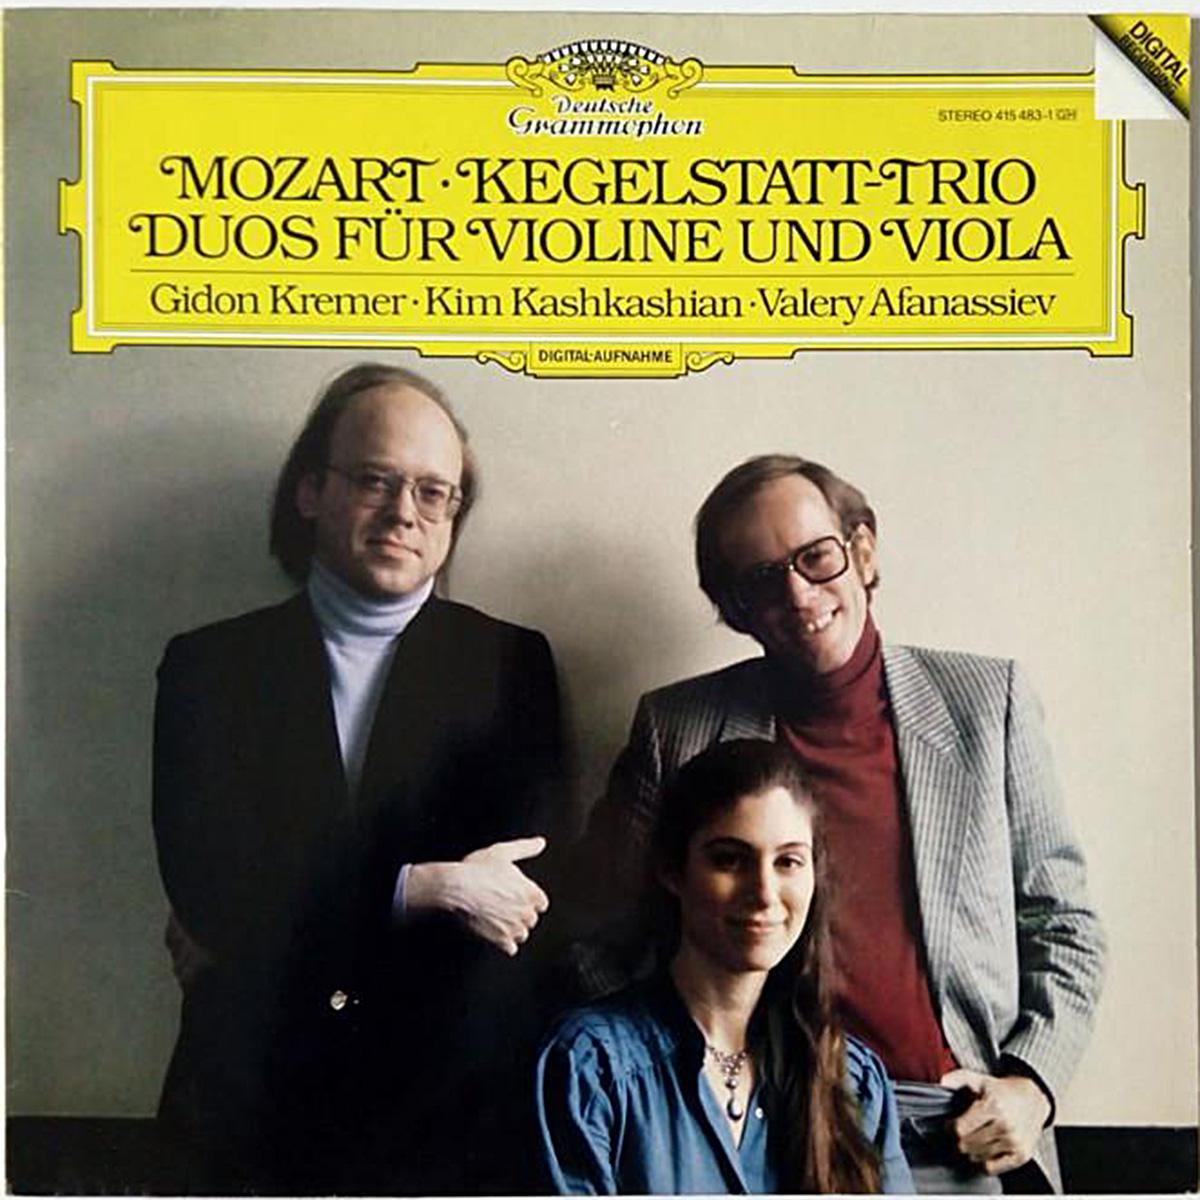 DGG 415 483 Mozart Trio Duos Kremer Kashkashian Afanassiev DGG Digital Aufnahme